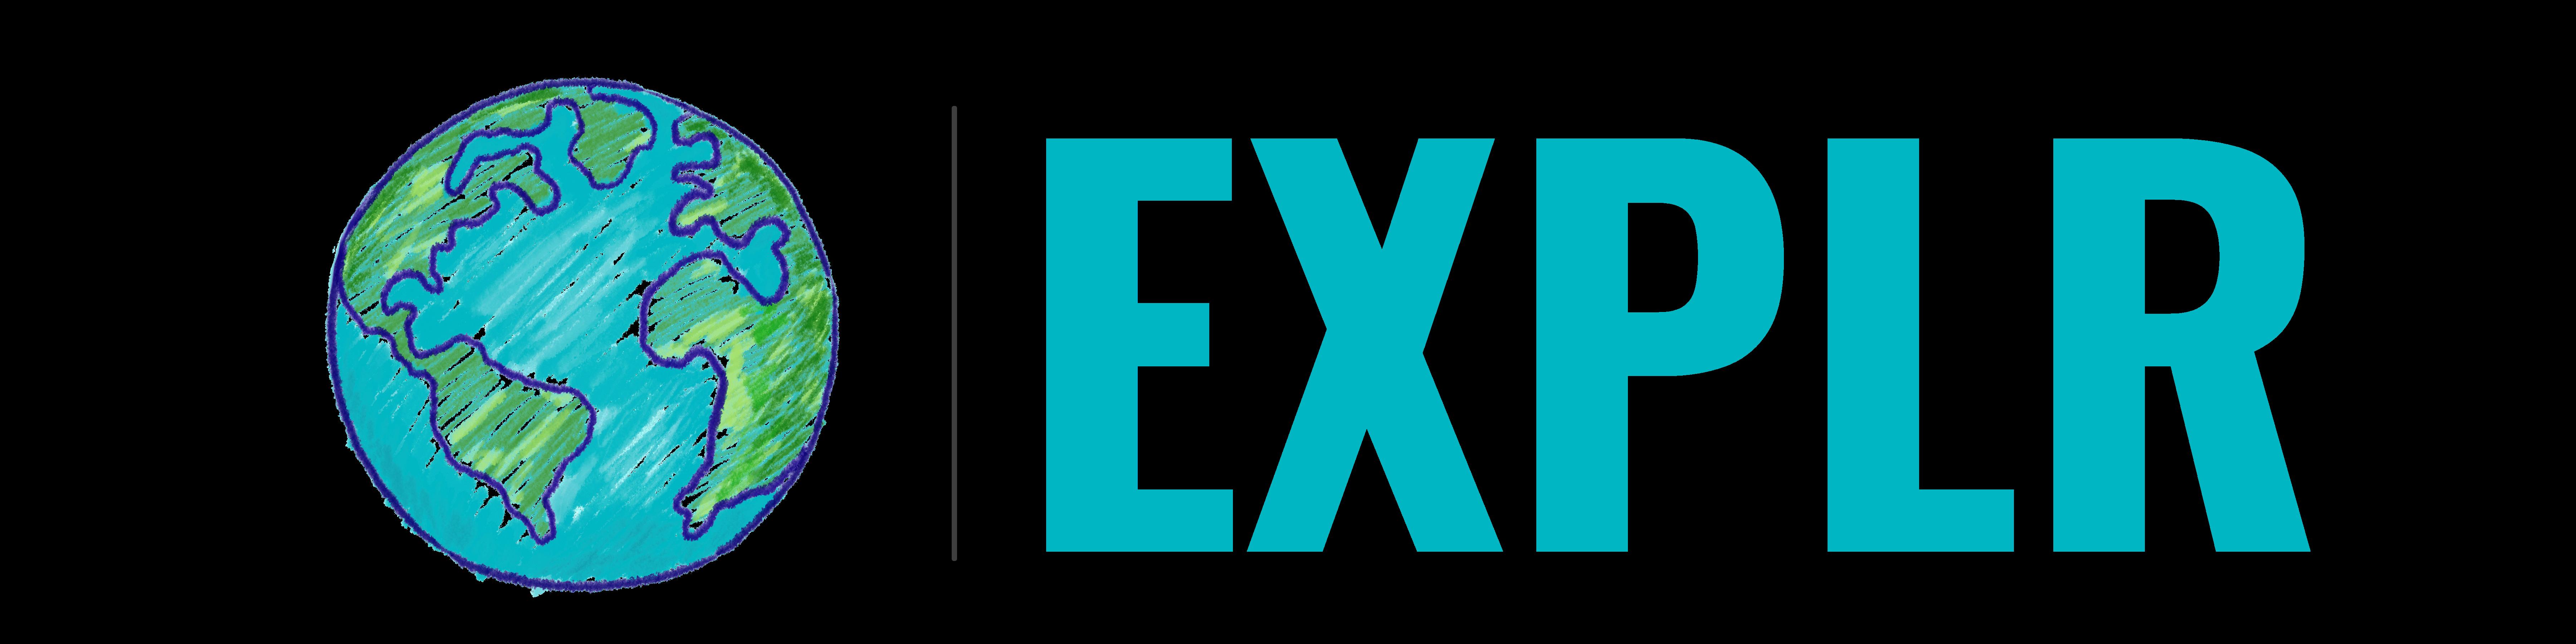 Explr Media logo